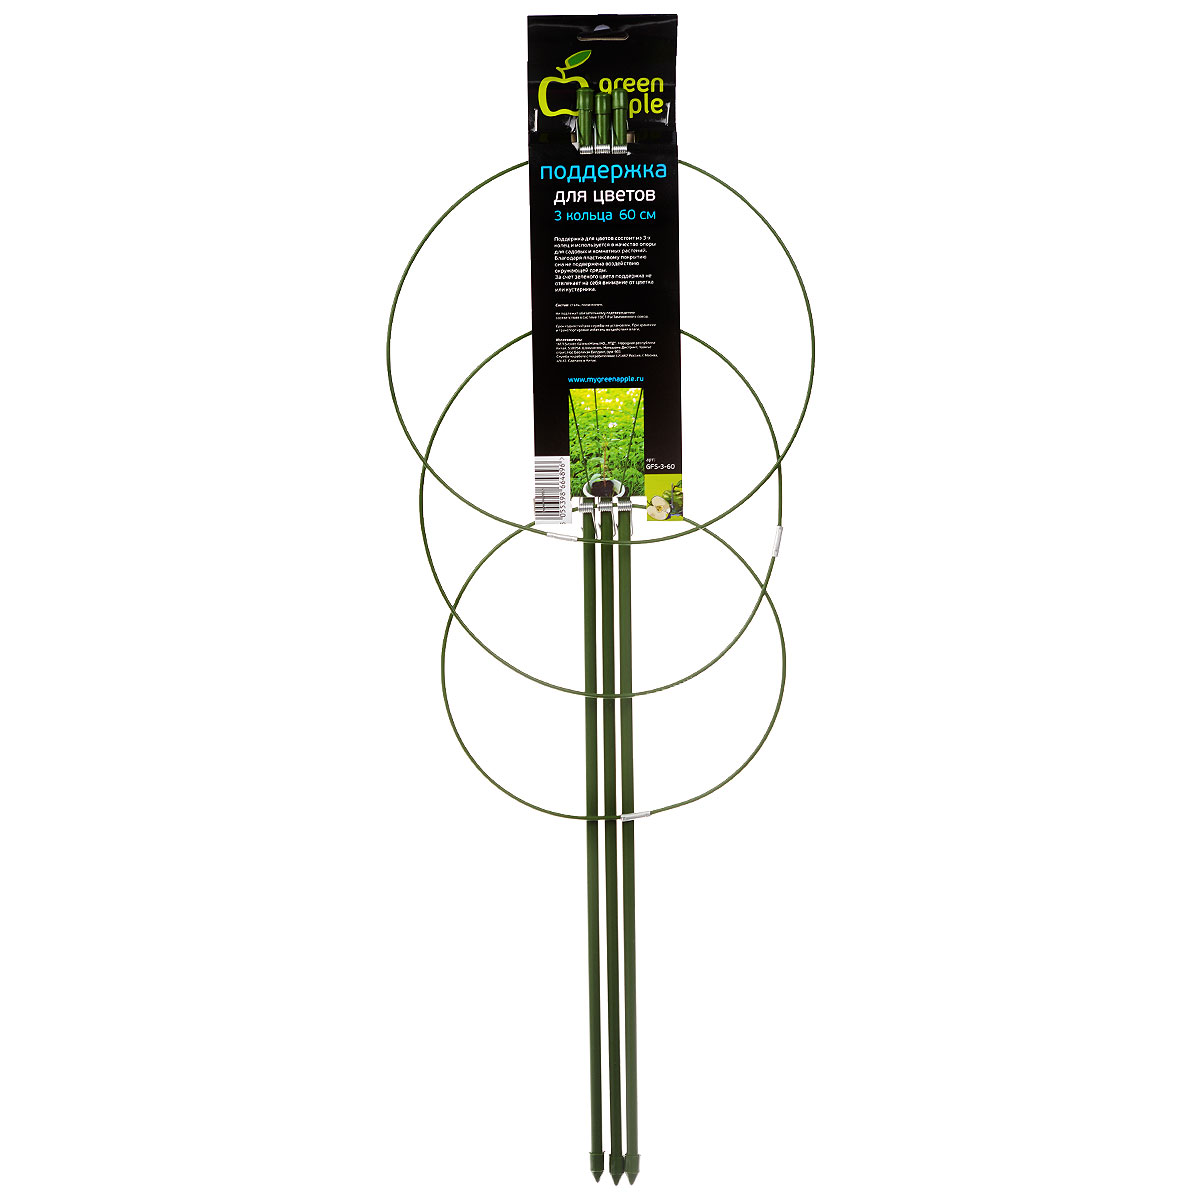 Поддержка для цветов 3 кольца Green Apple GFS-3-60, 60 смK100Поддержка для цветов состоит из 3-х колец и используется в качестве опоры для садовых и комнатных растений. Благодаря пластиковому покрытию она не подвержена воздействию окружающей среды. За счет зеленого цвета поддержка не отвлекает на себя внимание от цветка или кустарника.